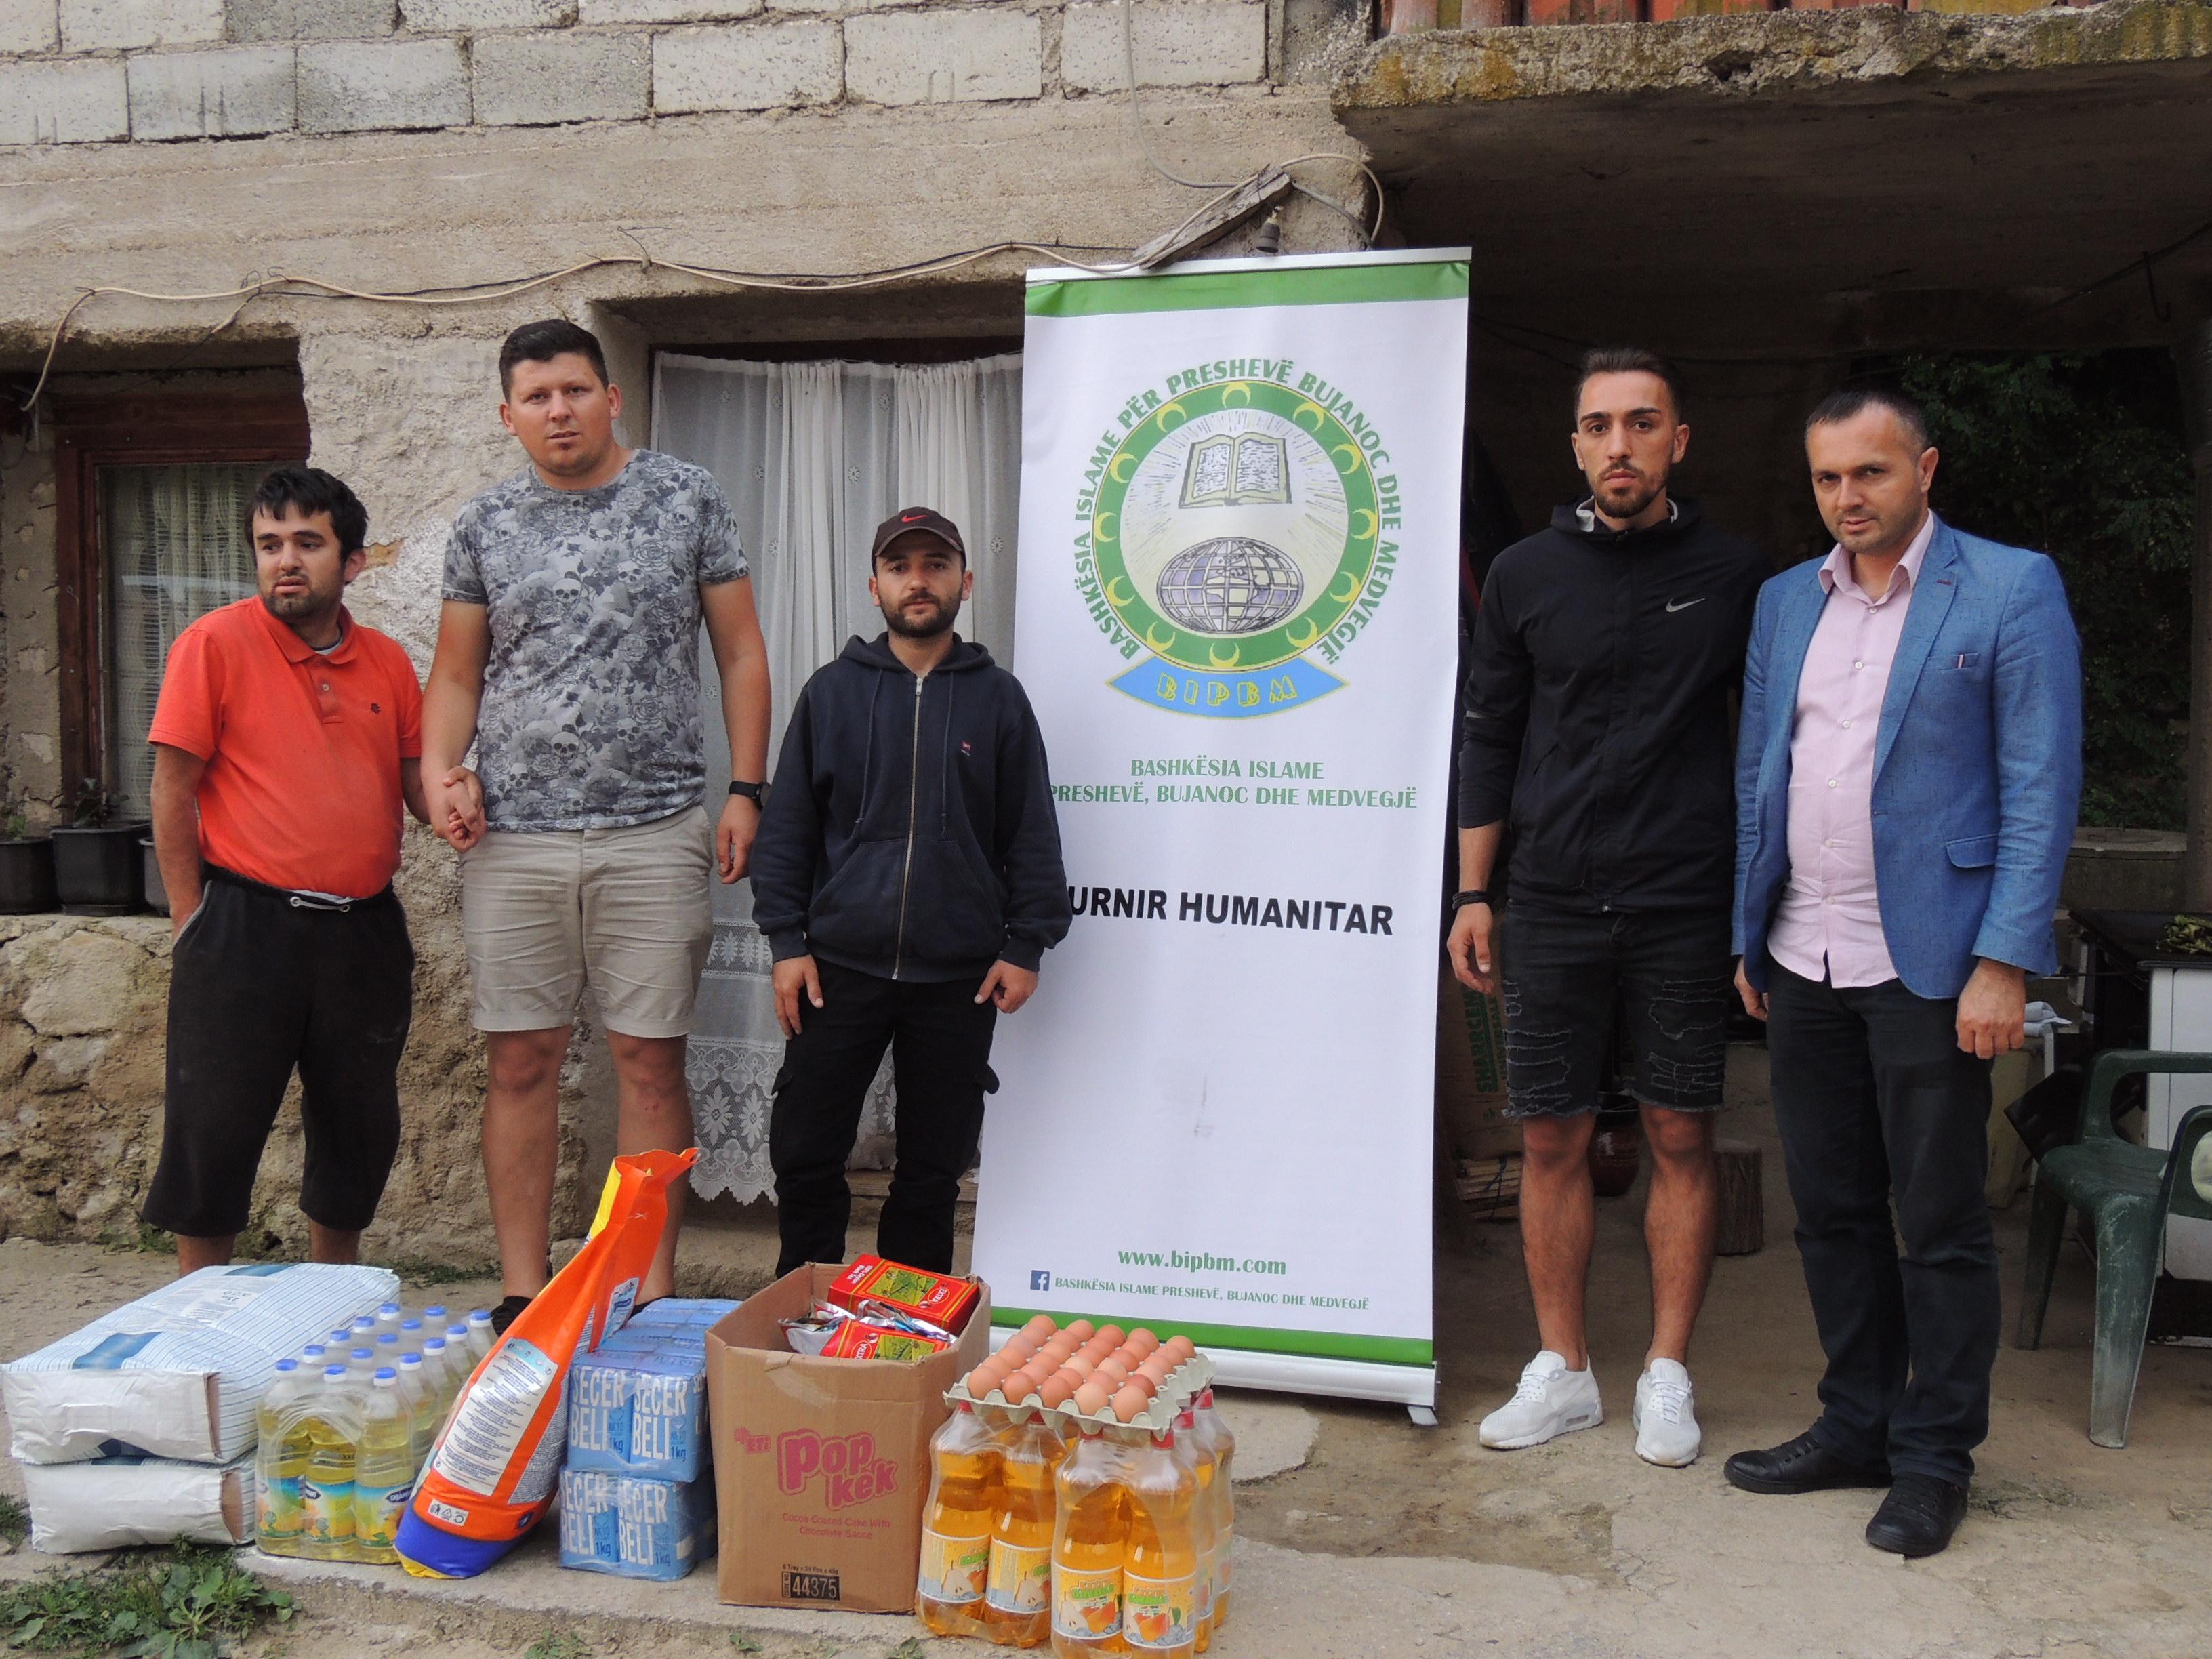 KBI i BIPBM-së në Bujanoc në vendin e duhur ndau ndihmat nga turniri humanitar